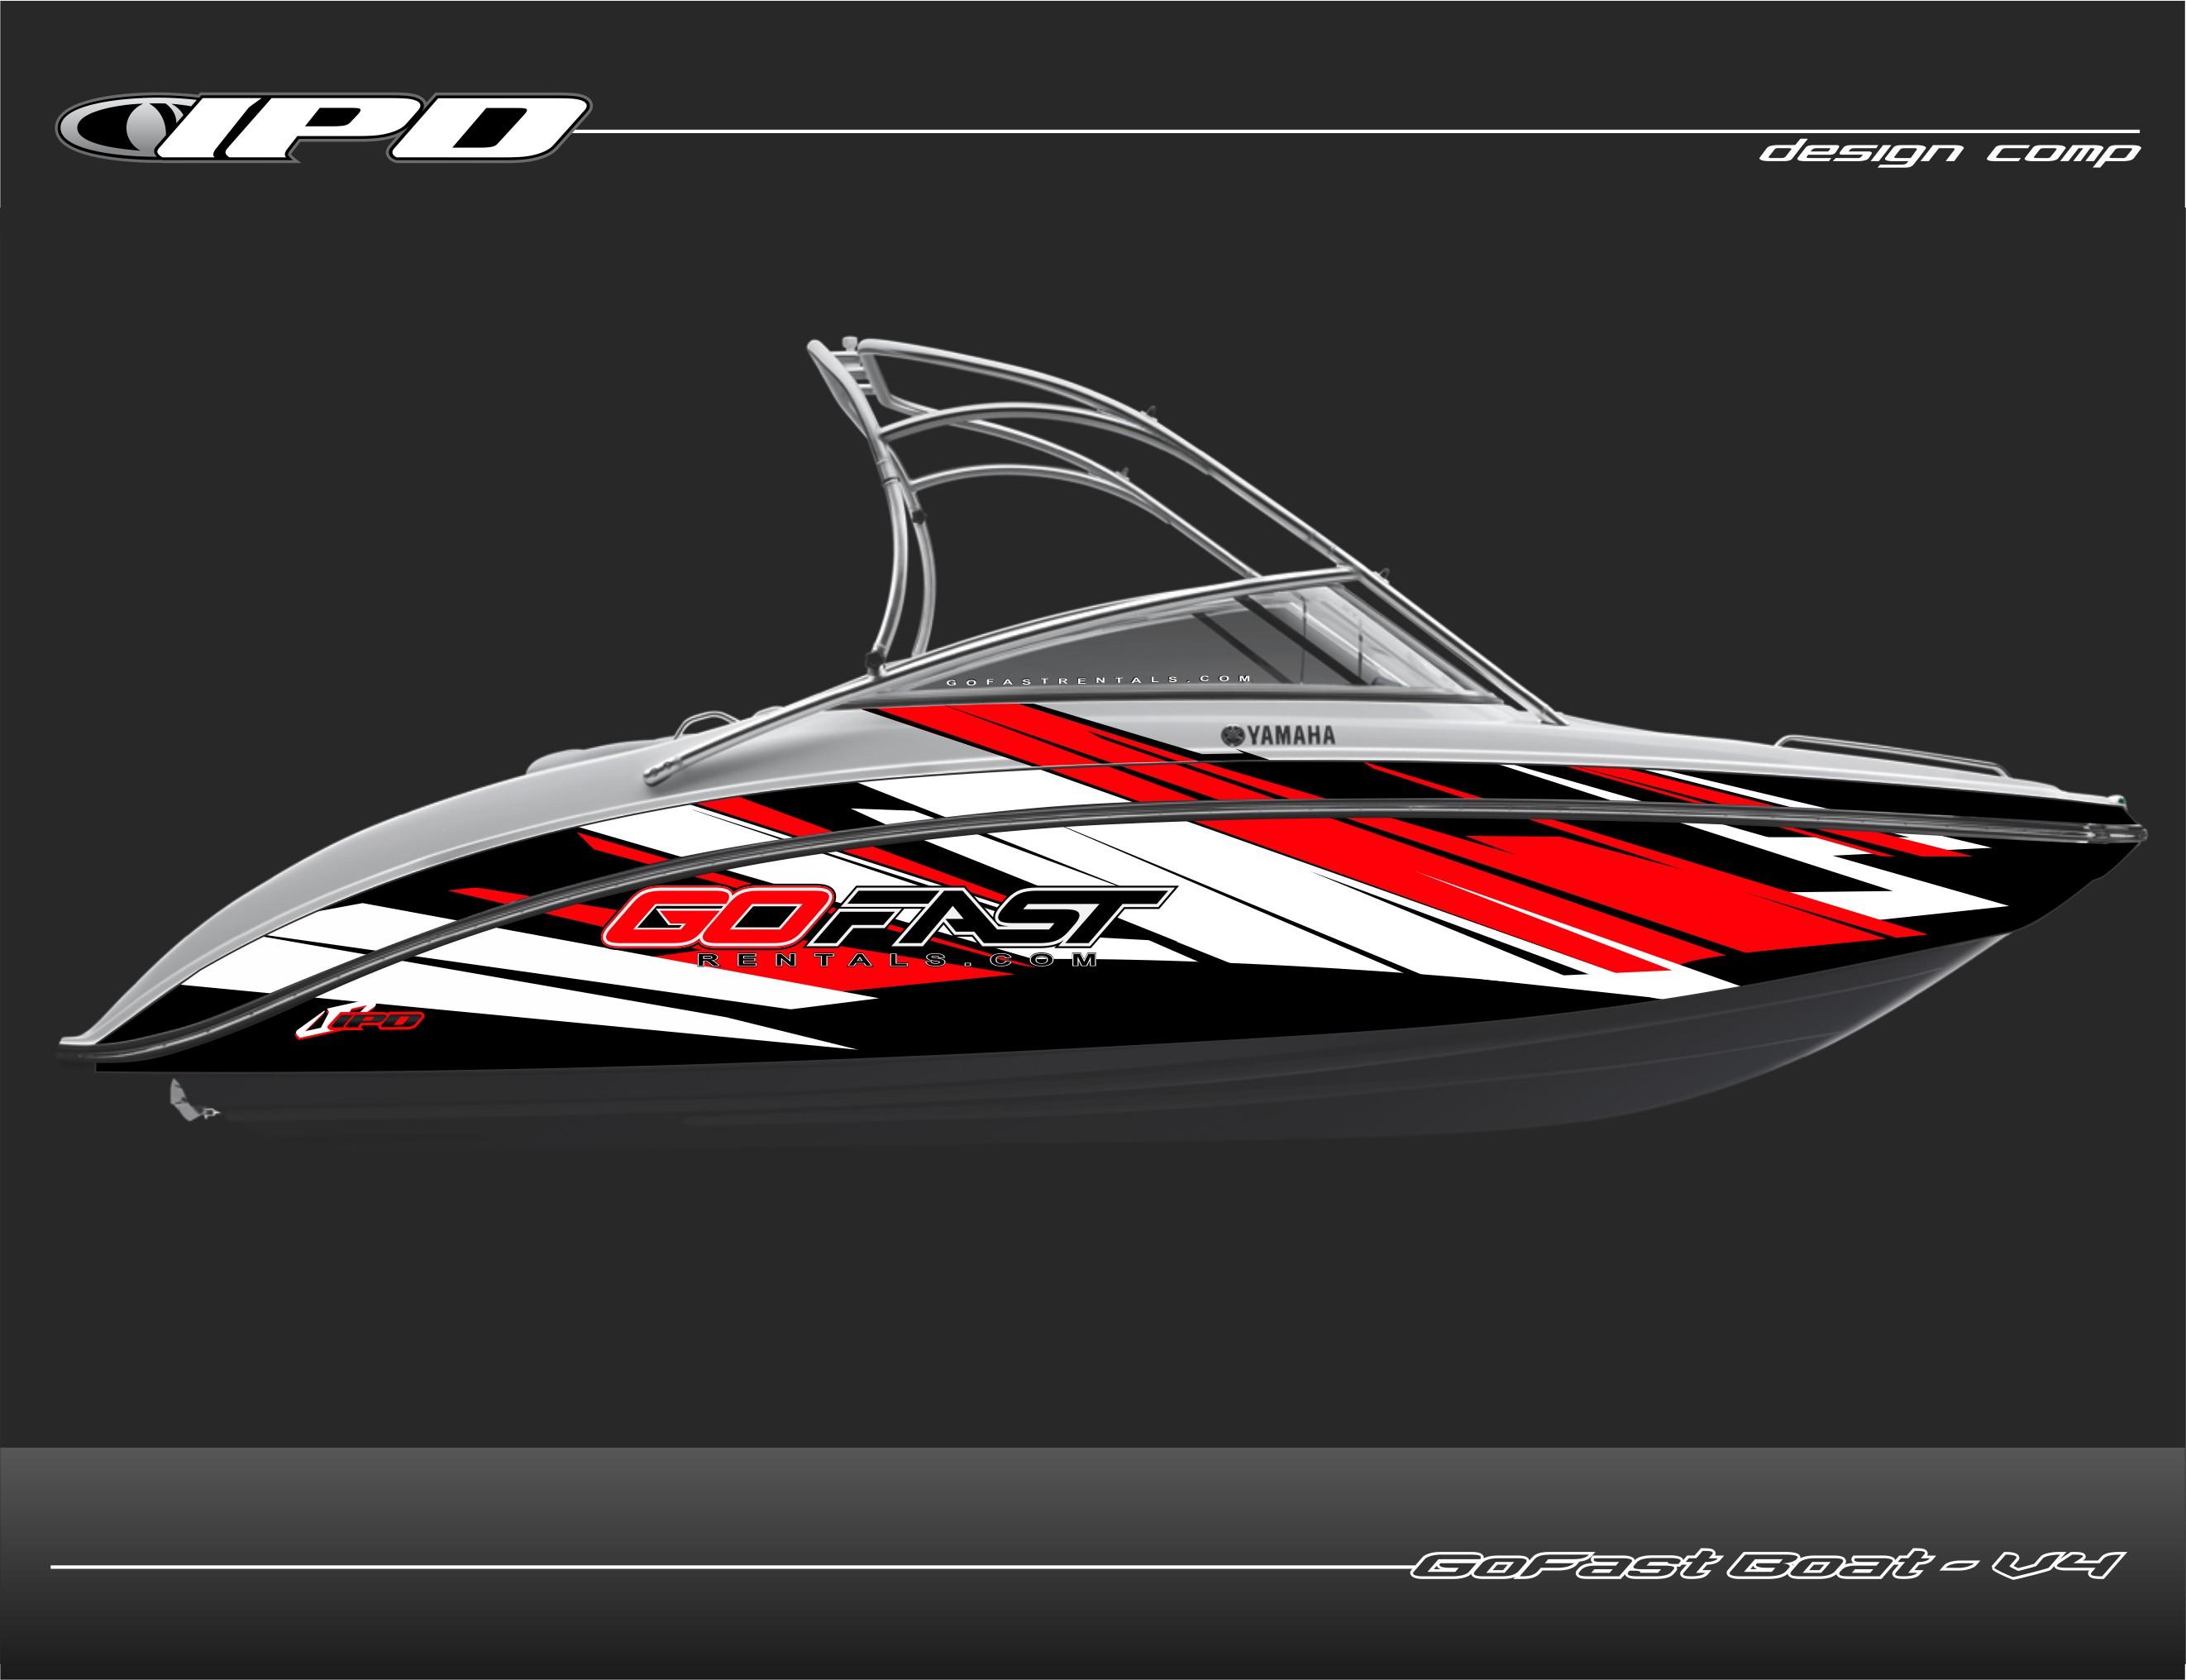 Yamaha Boat Wraps